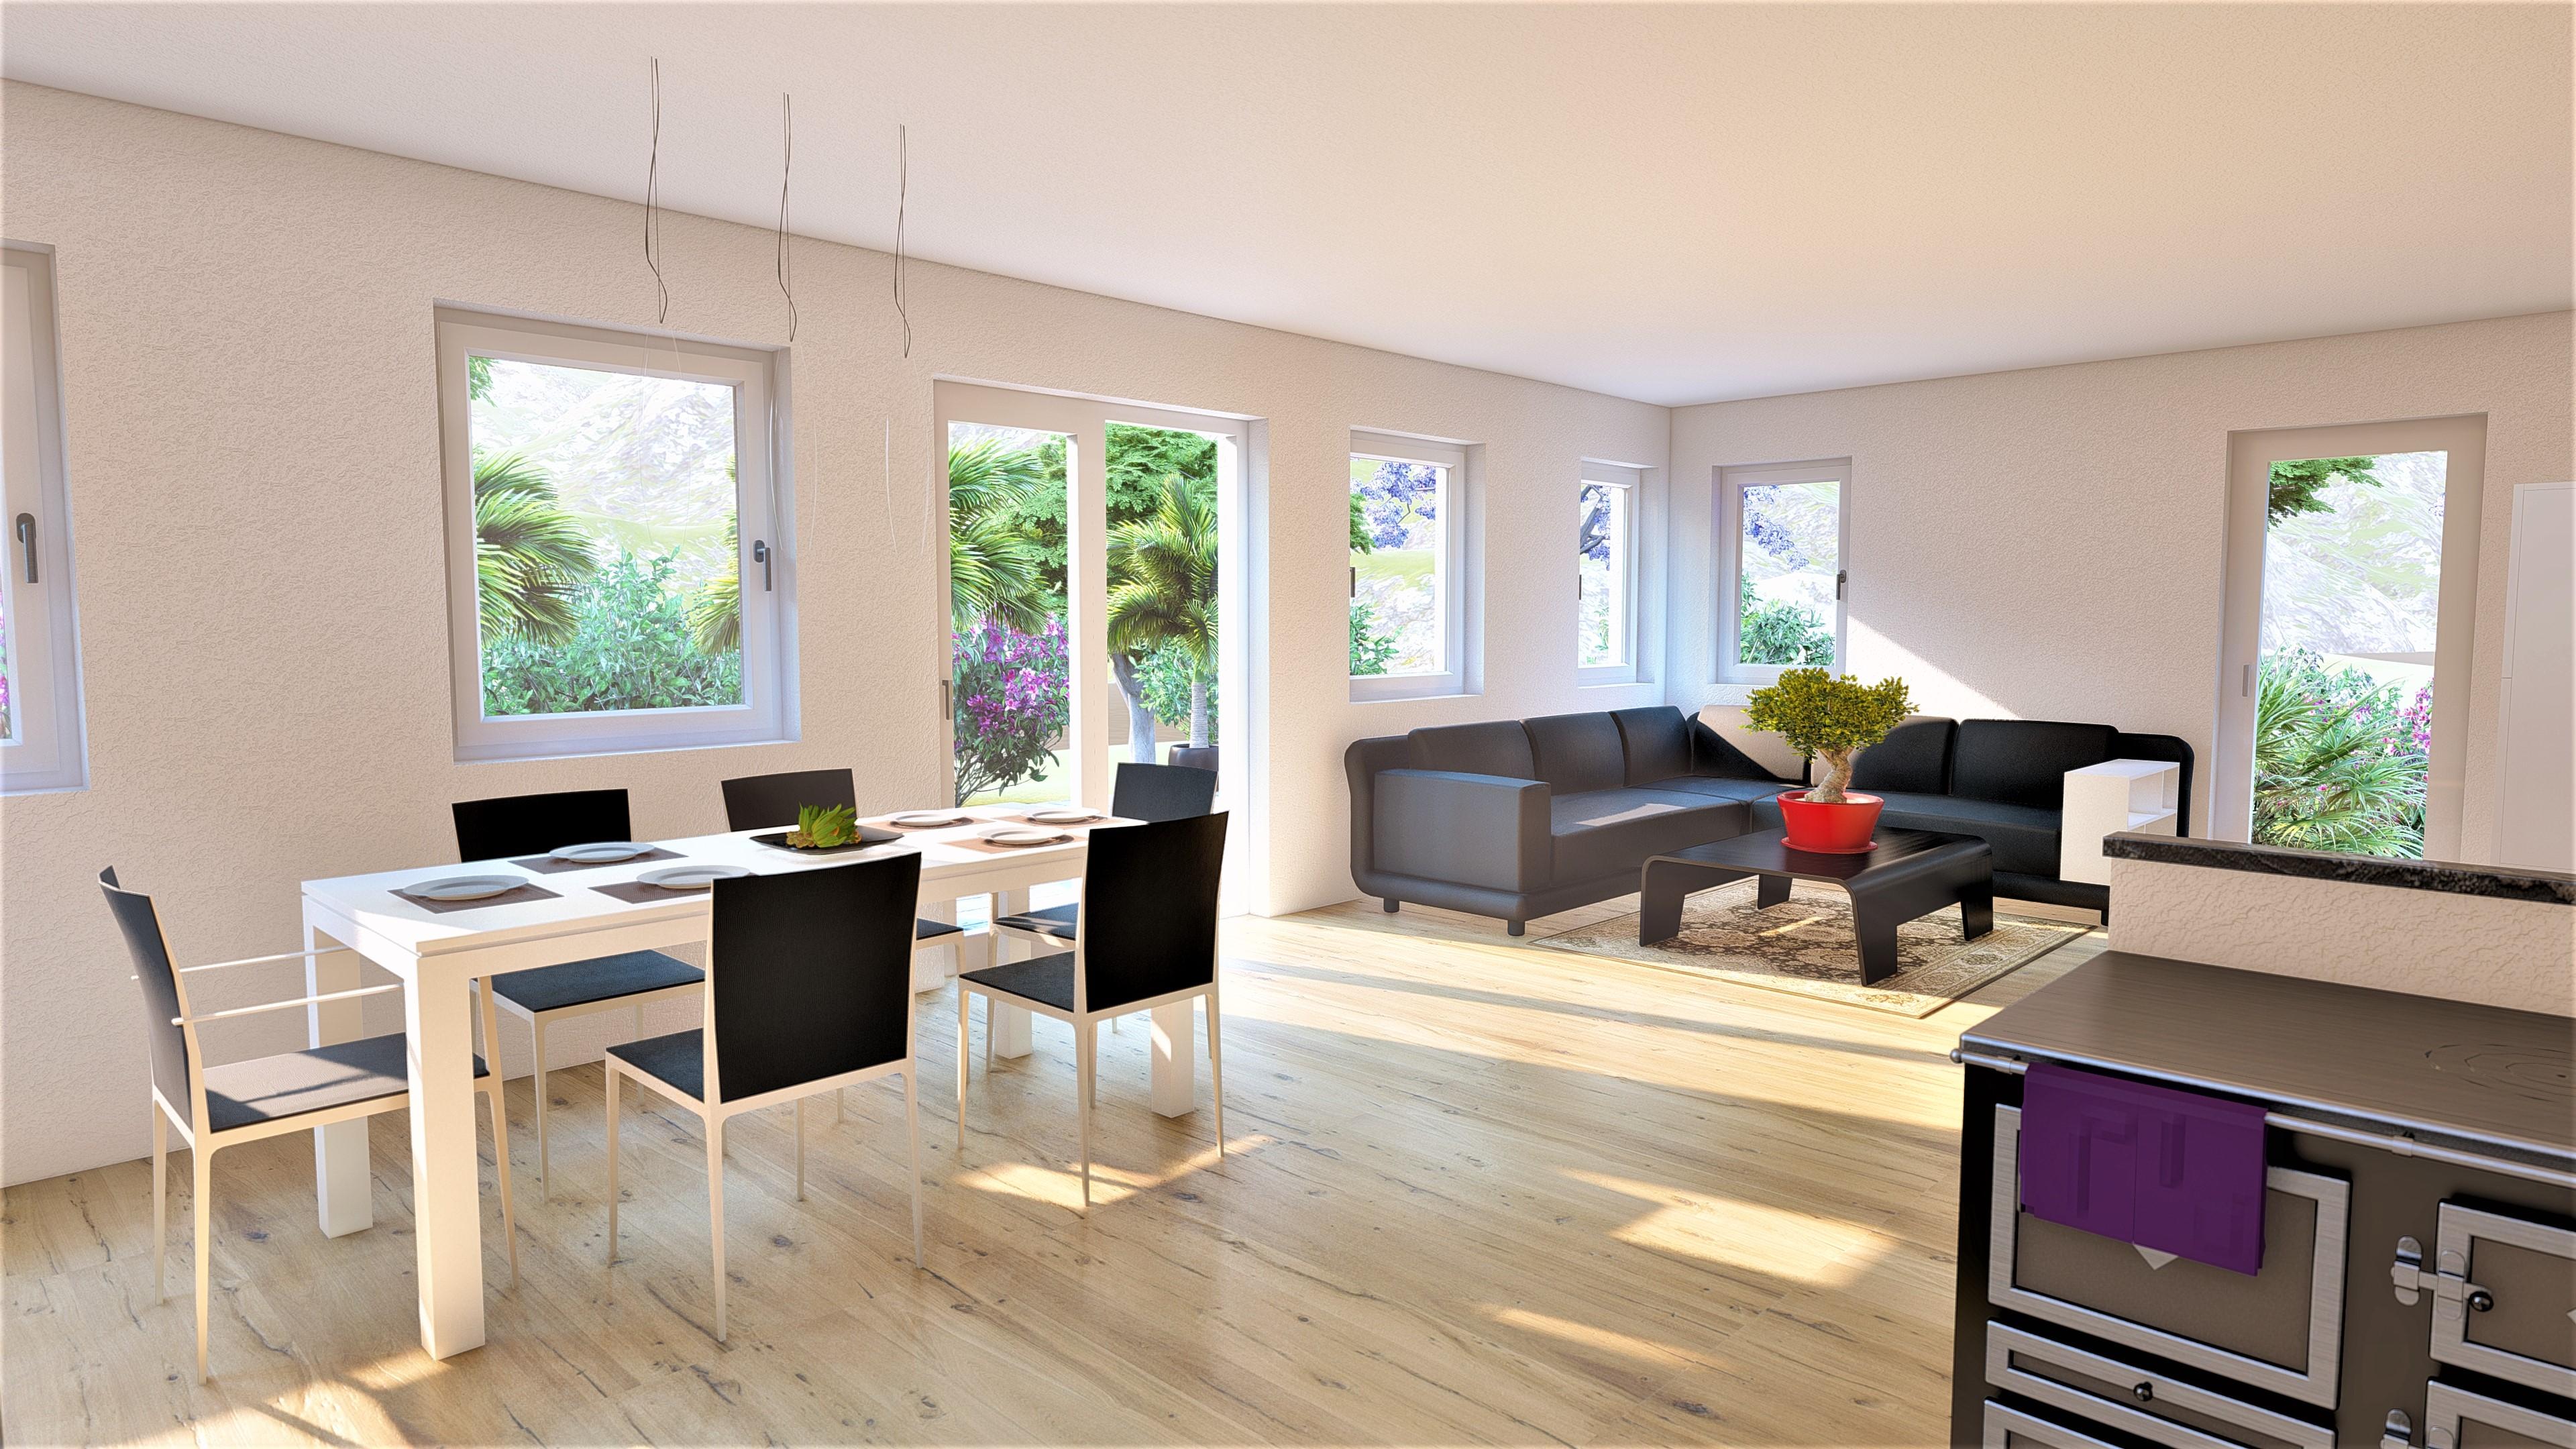 Wohnraum Innenarchitektur Esszimmer